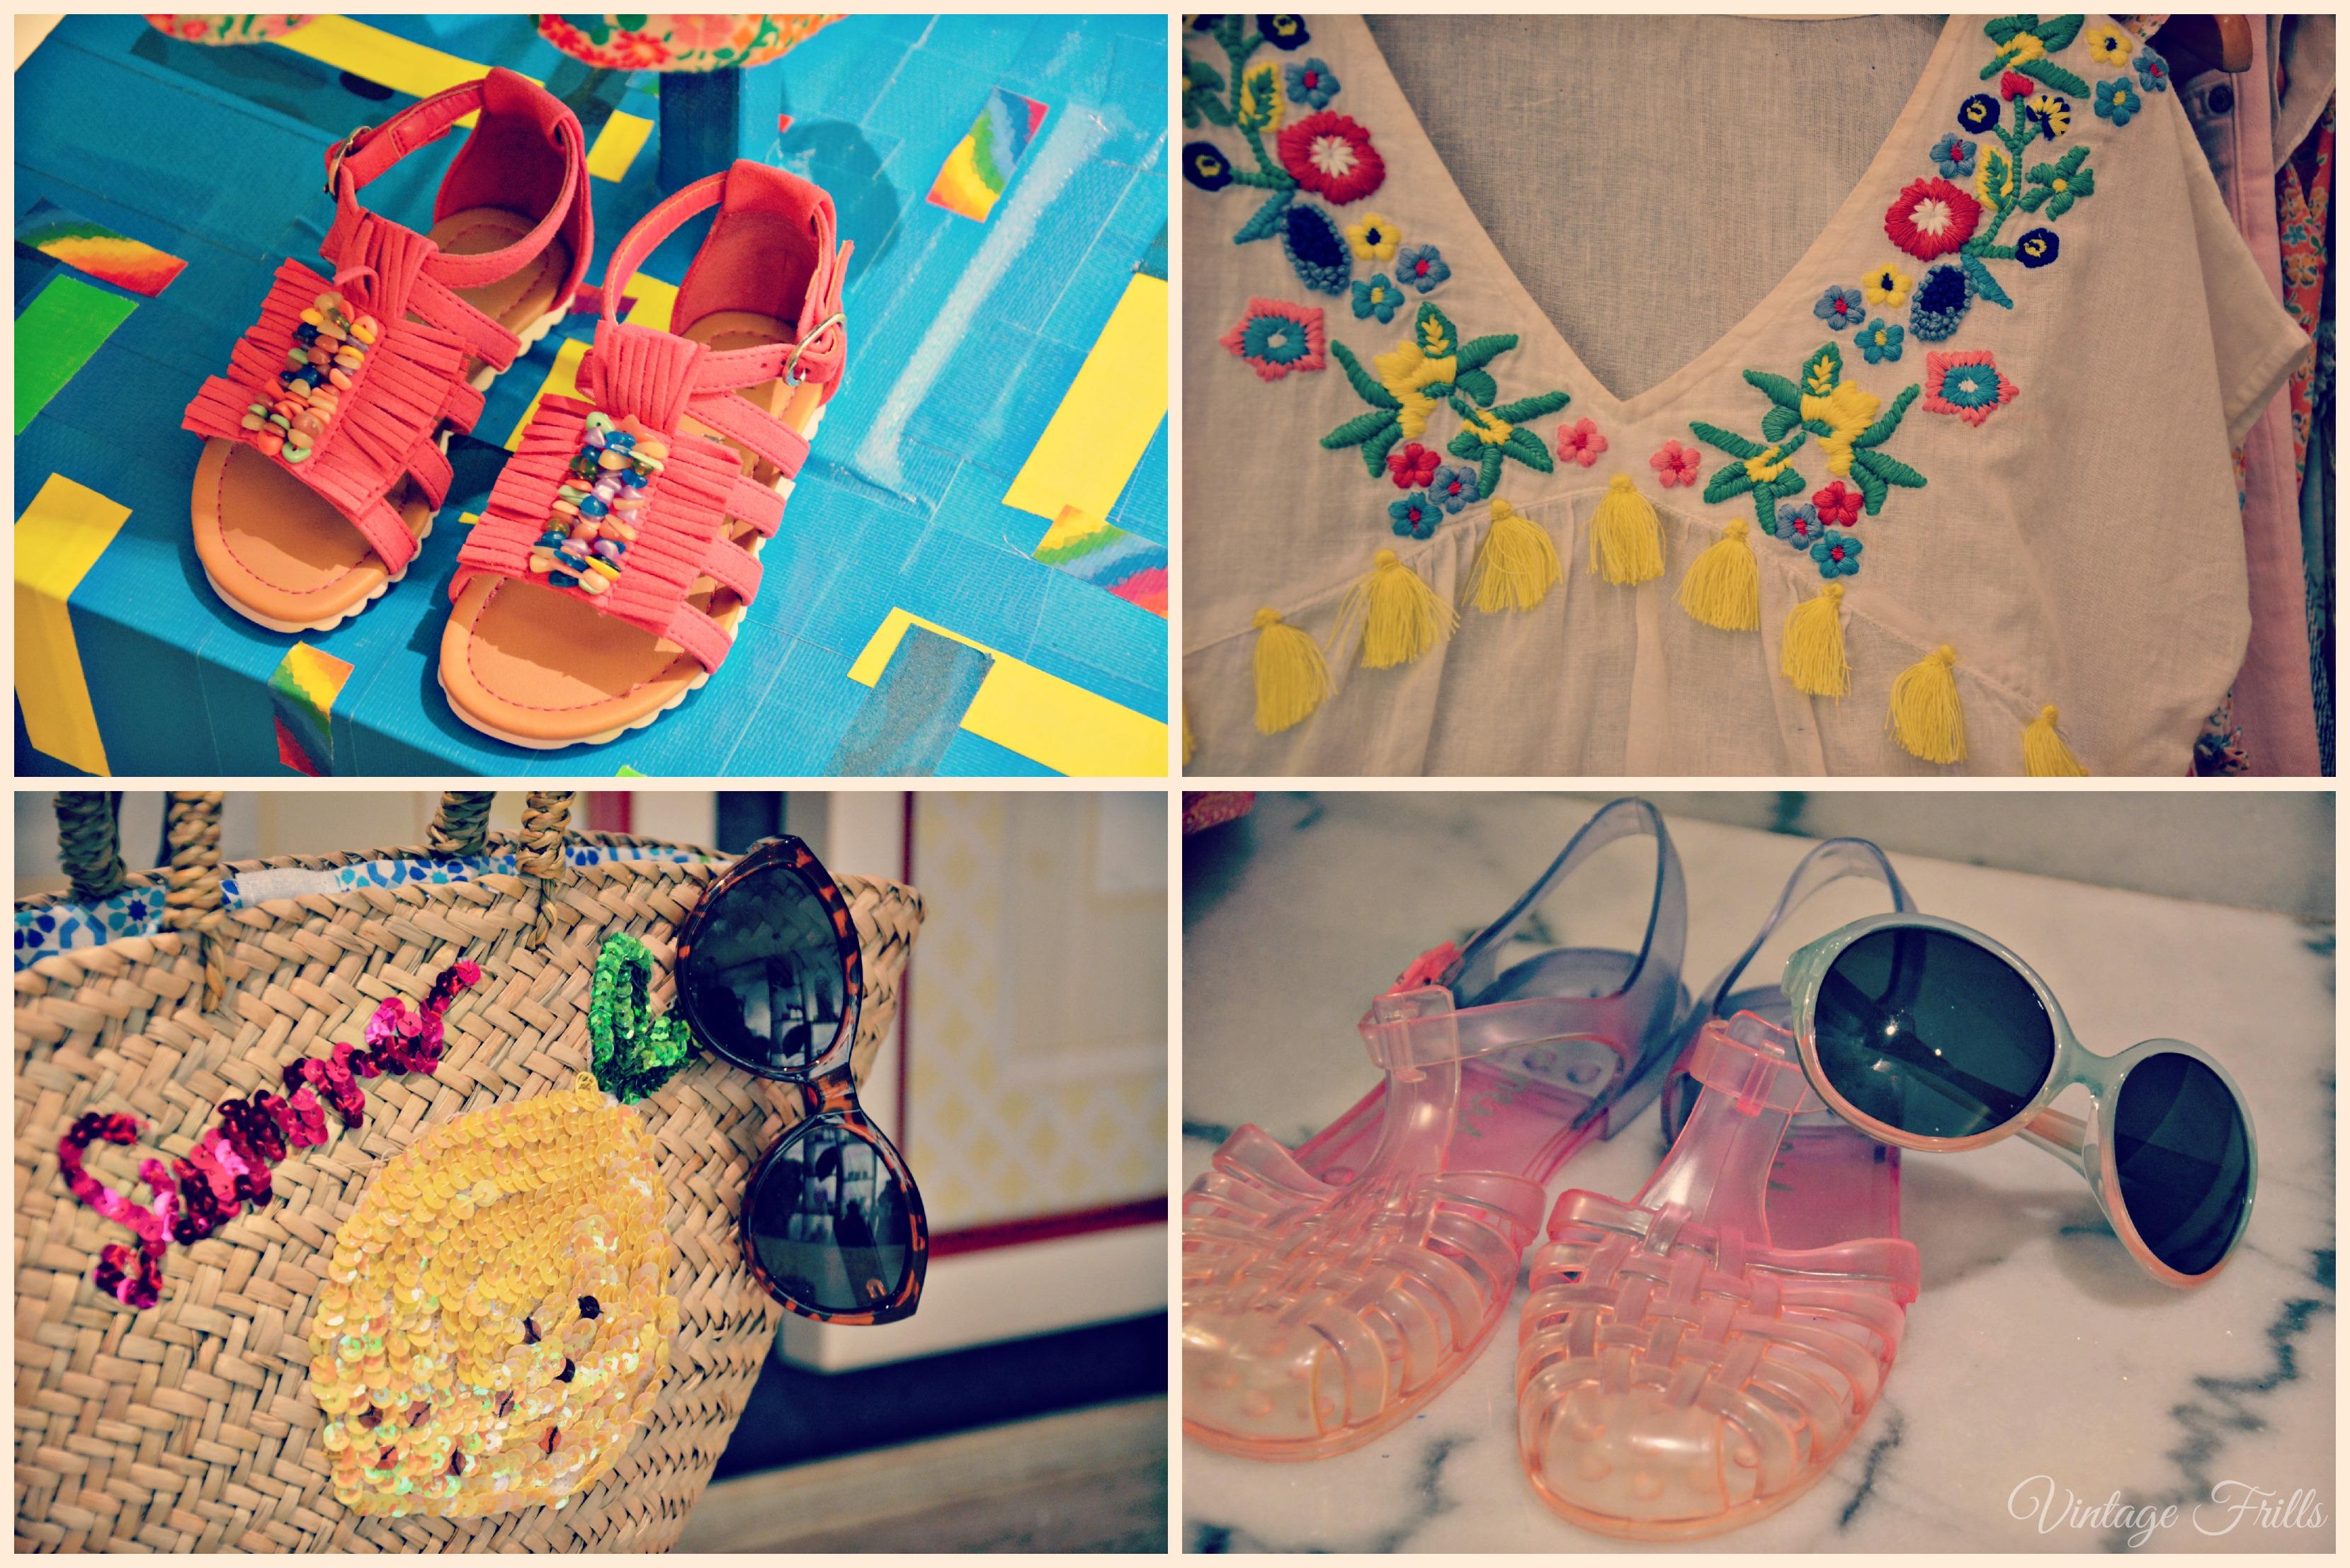 Next Summer 15 Press Day Girls Accessories